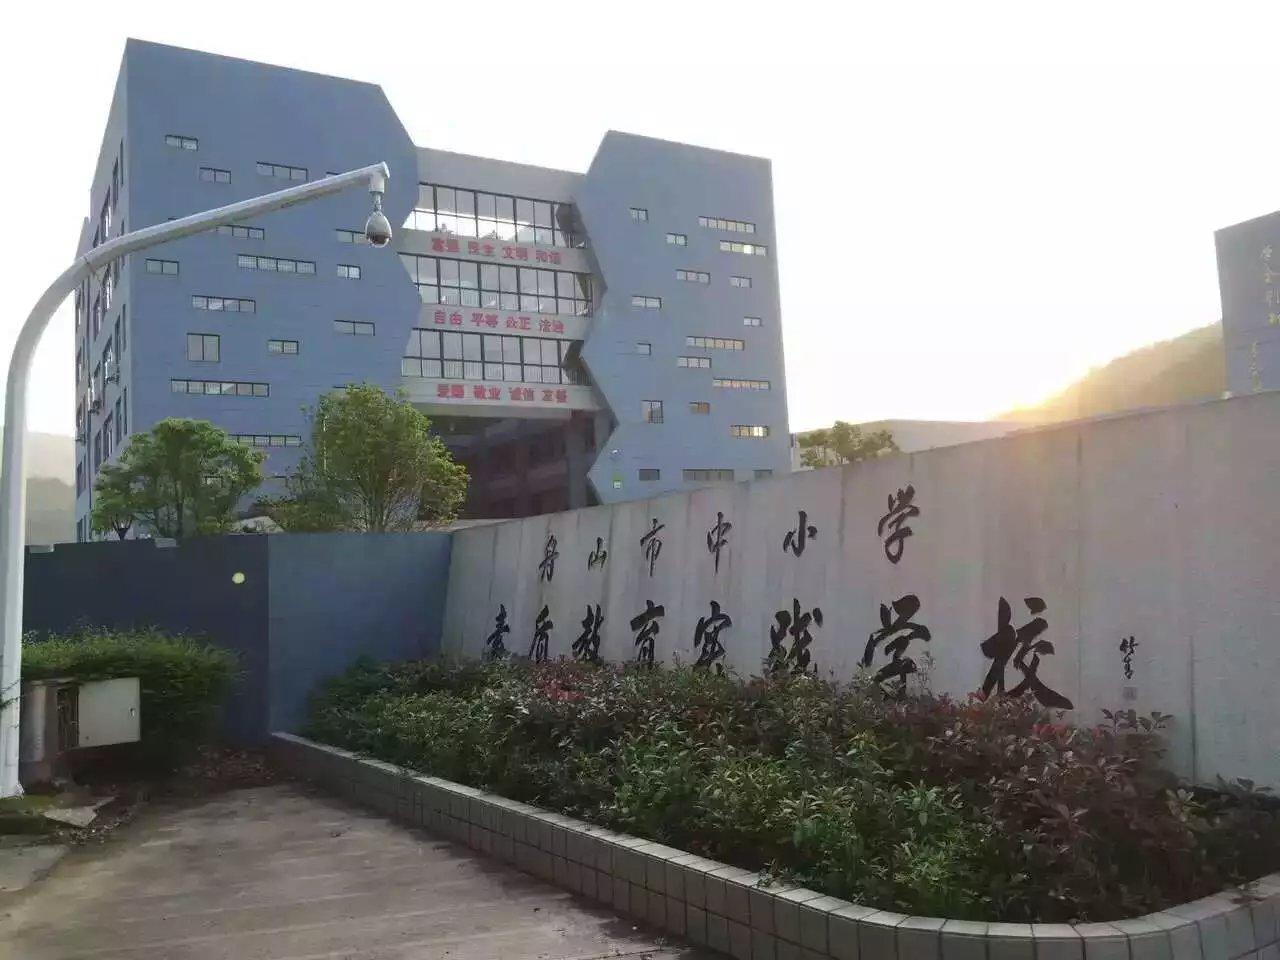 宁波舟山素质教育学校外景